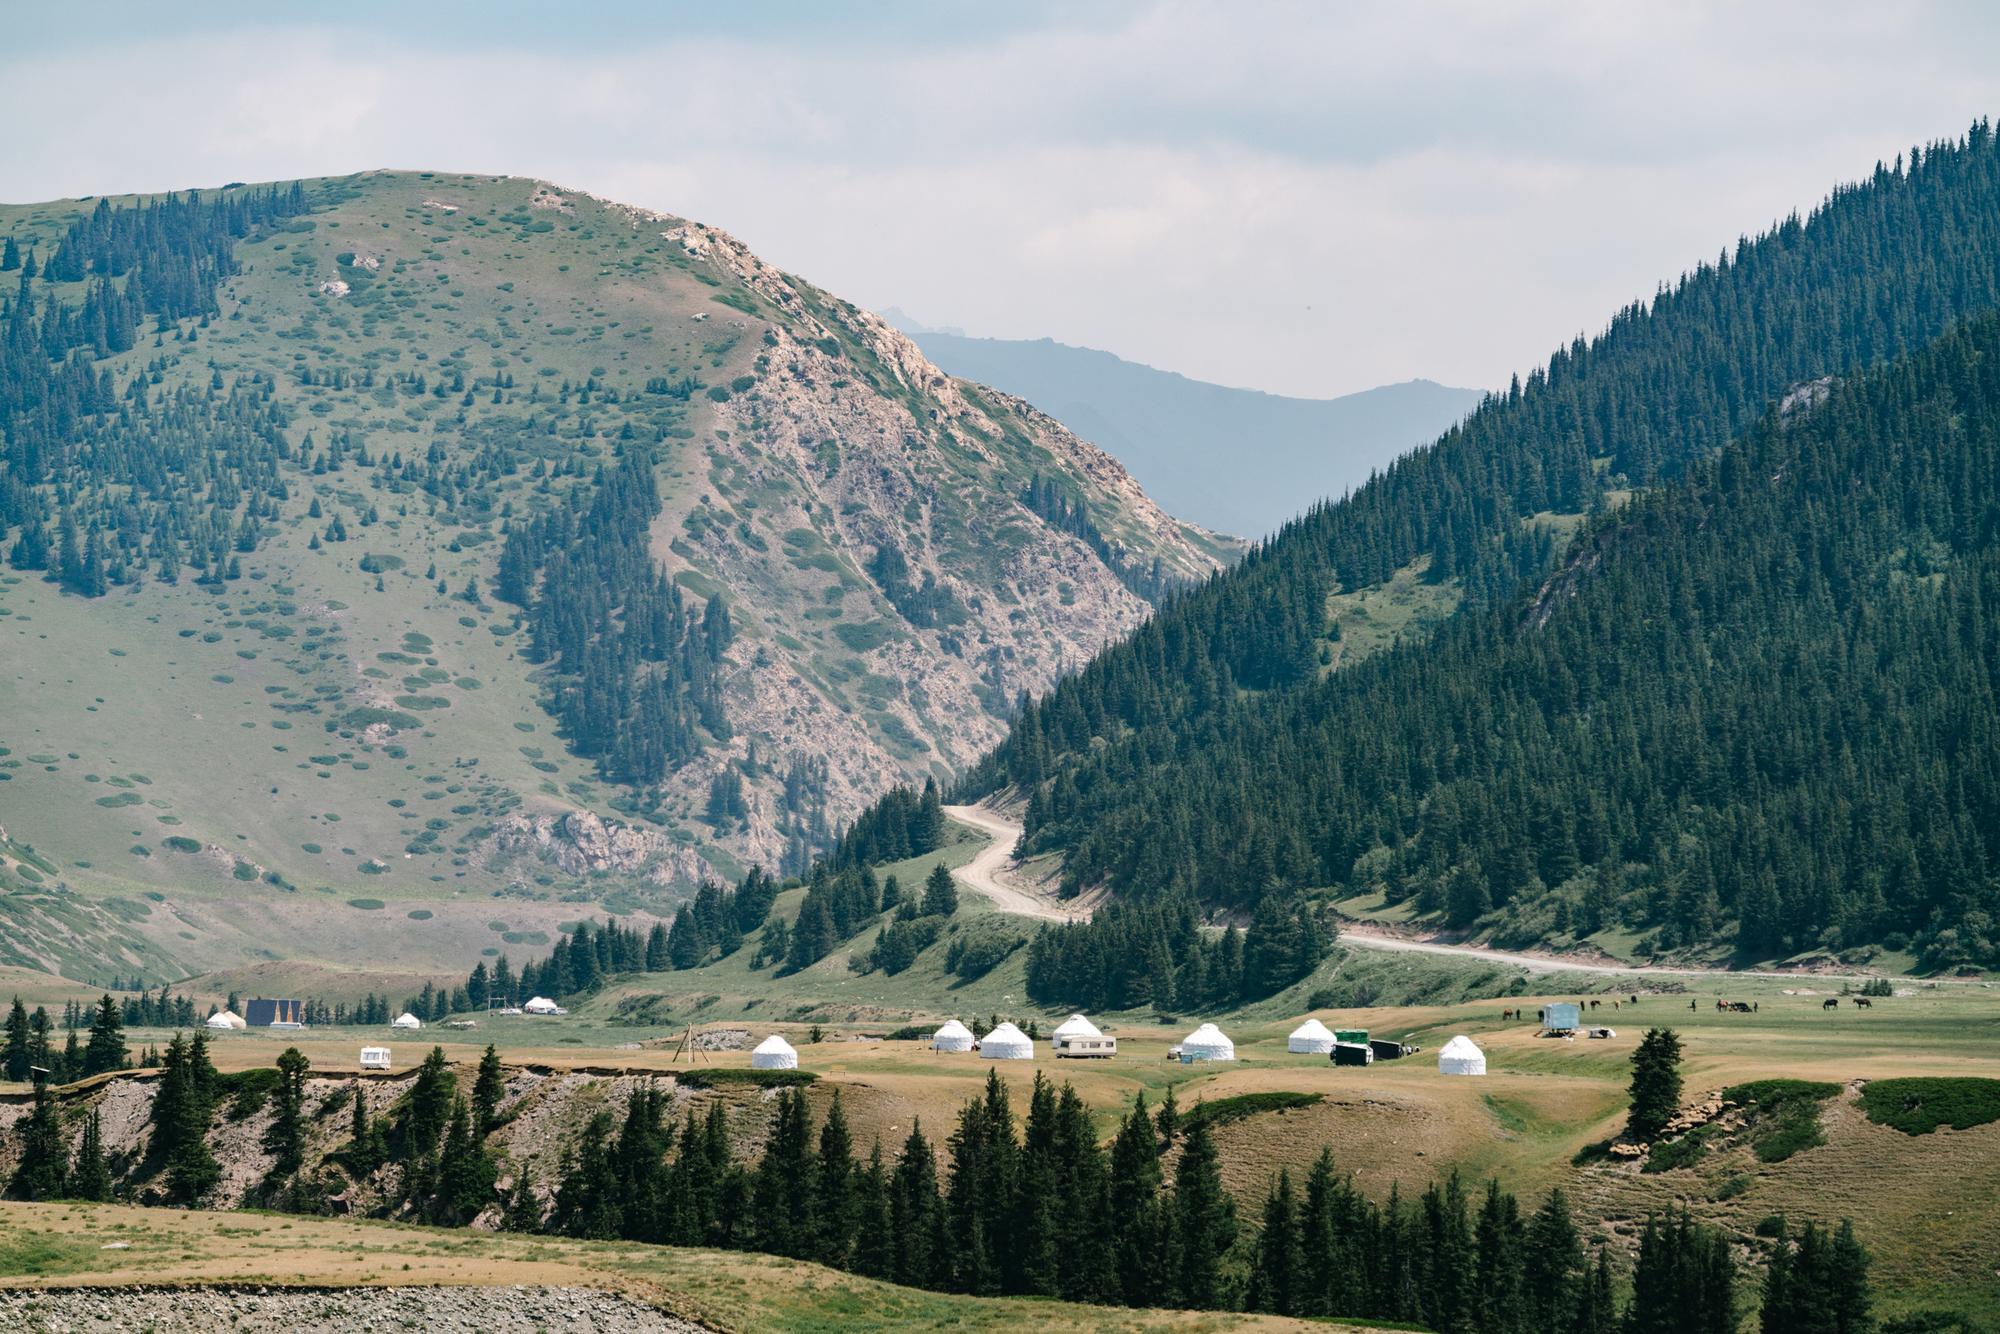 Yurt camps